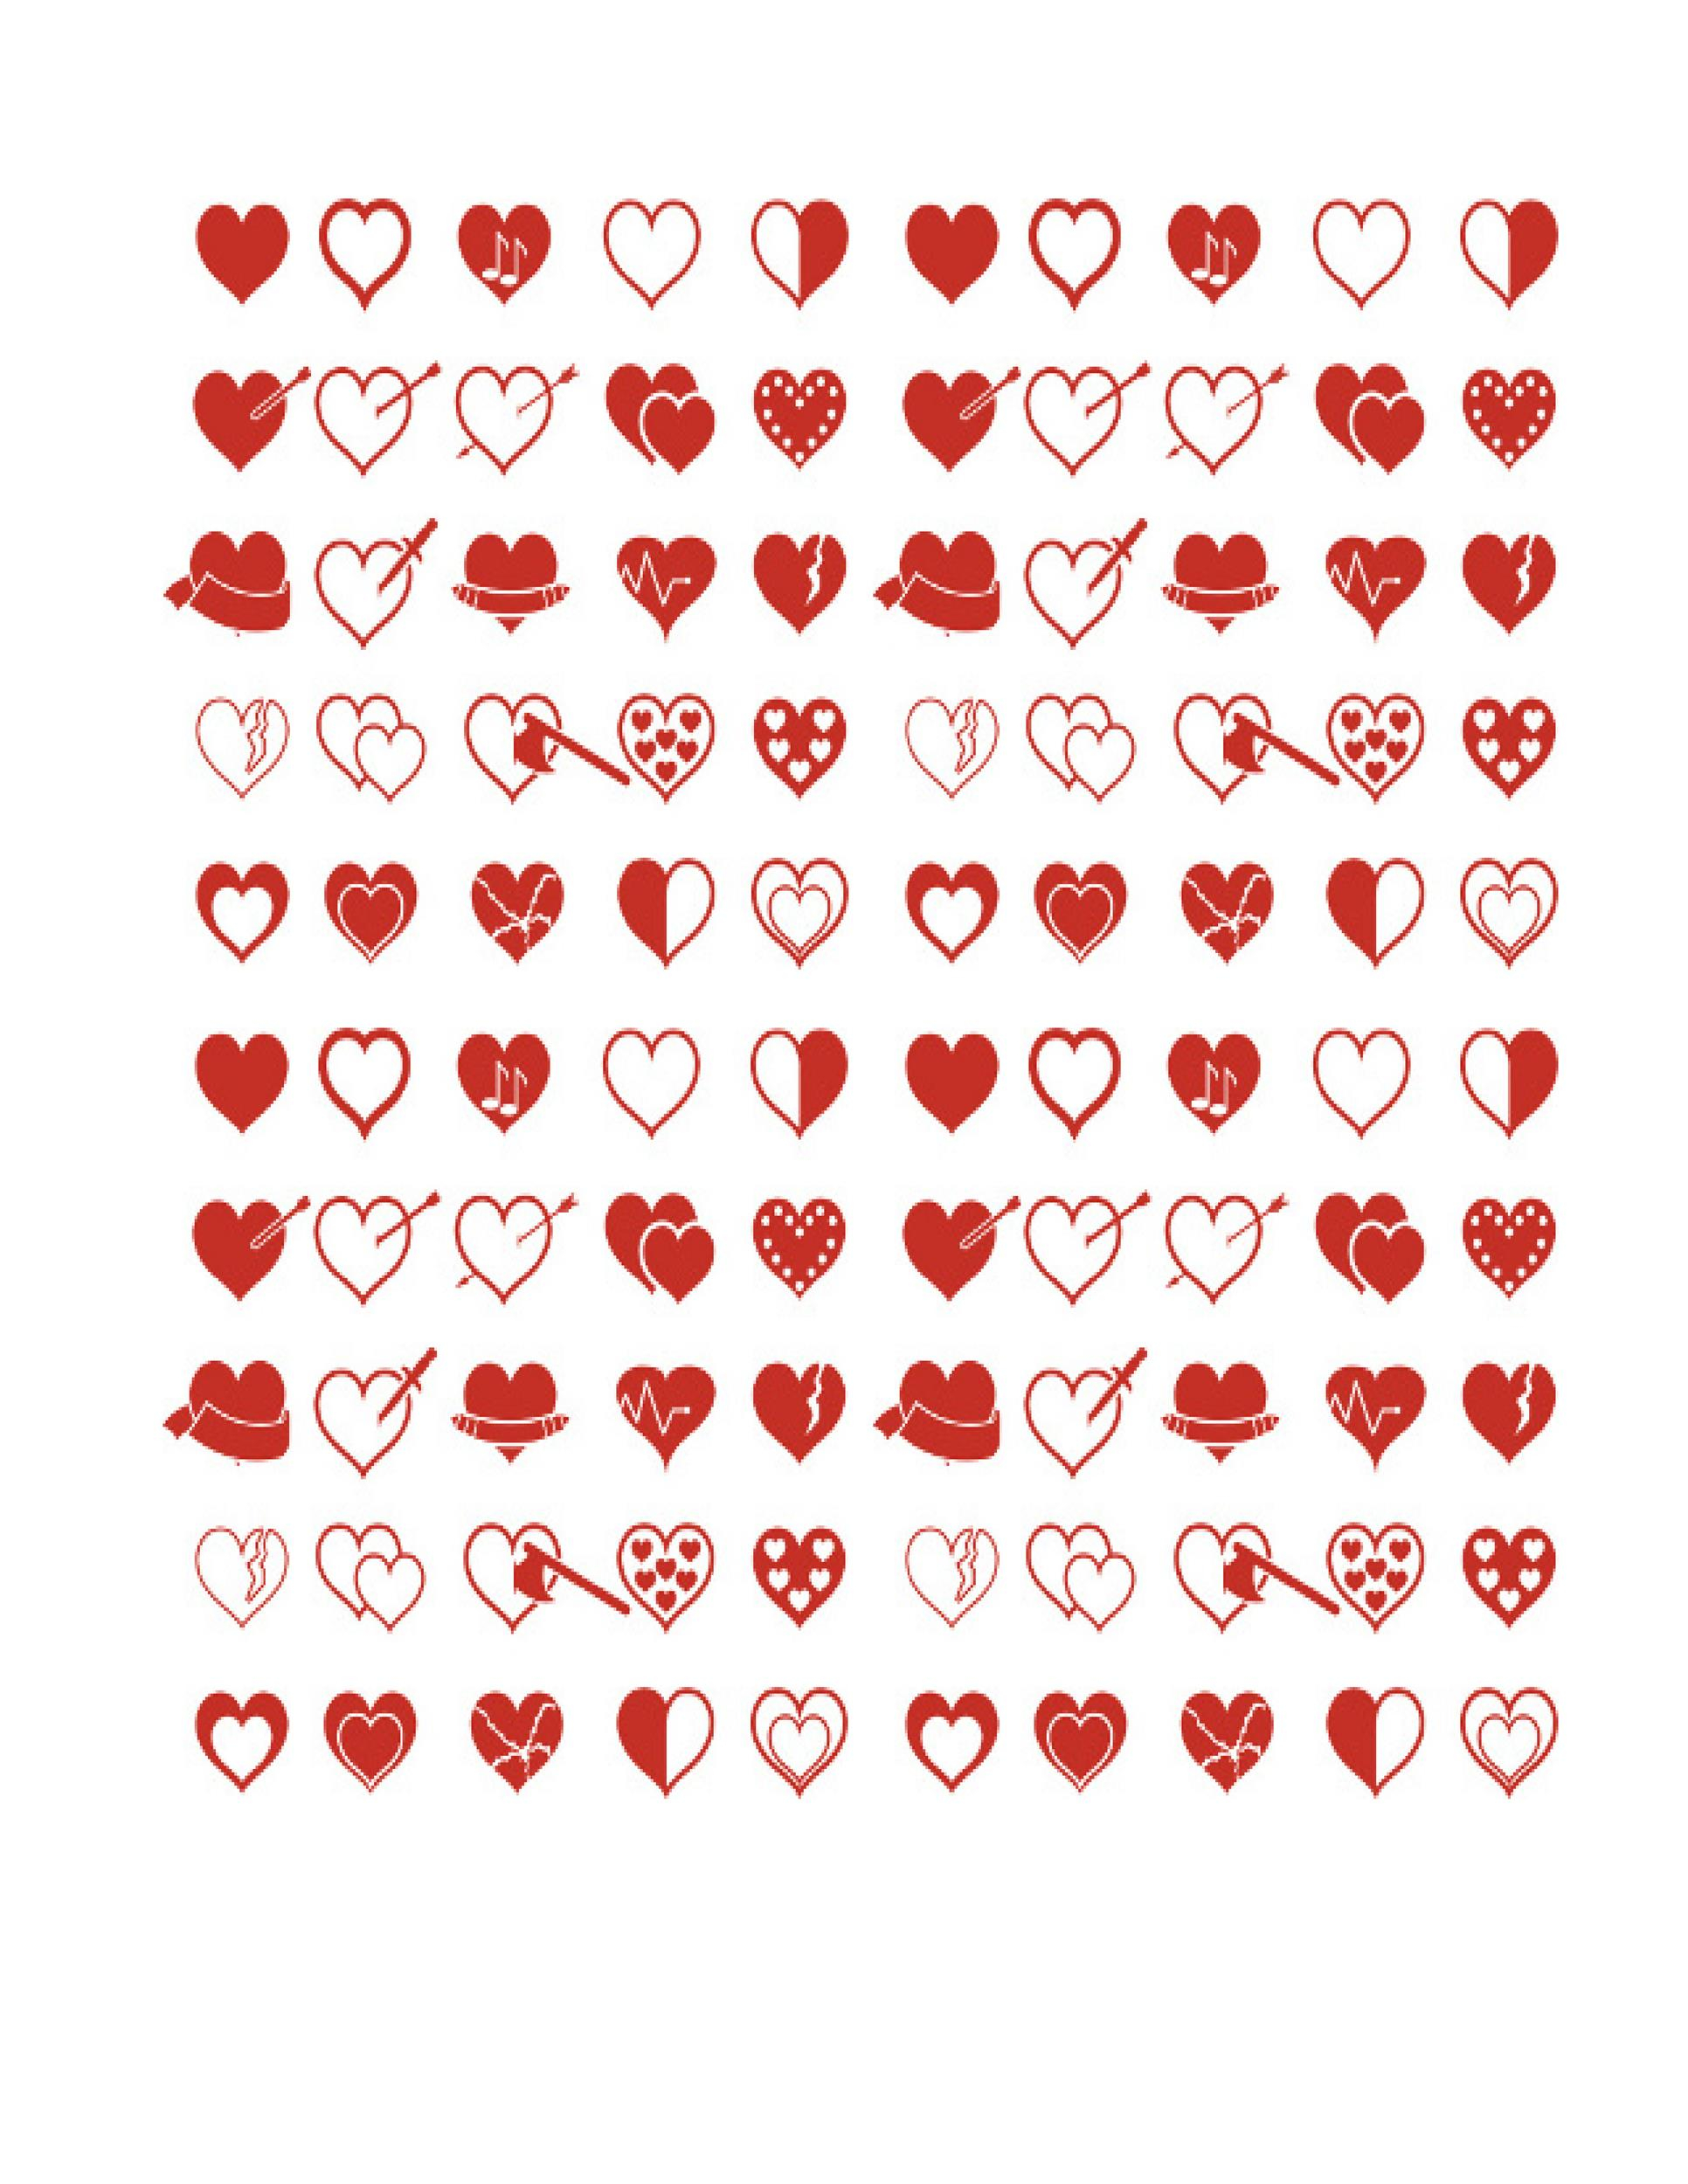 Free Heart Shape Template 25